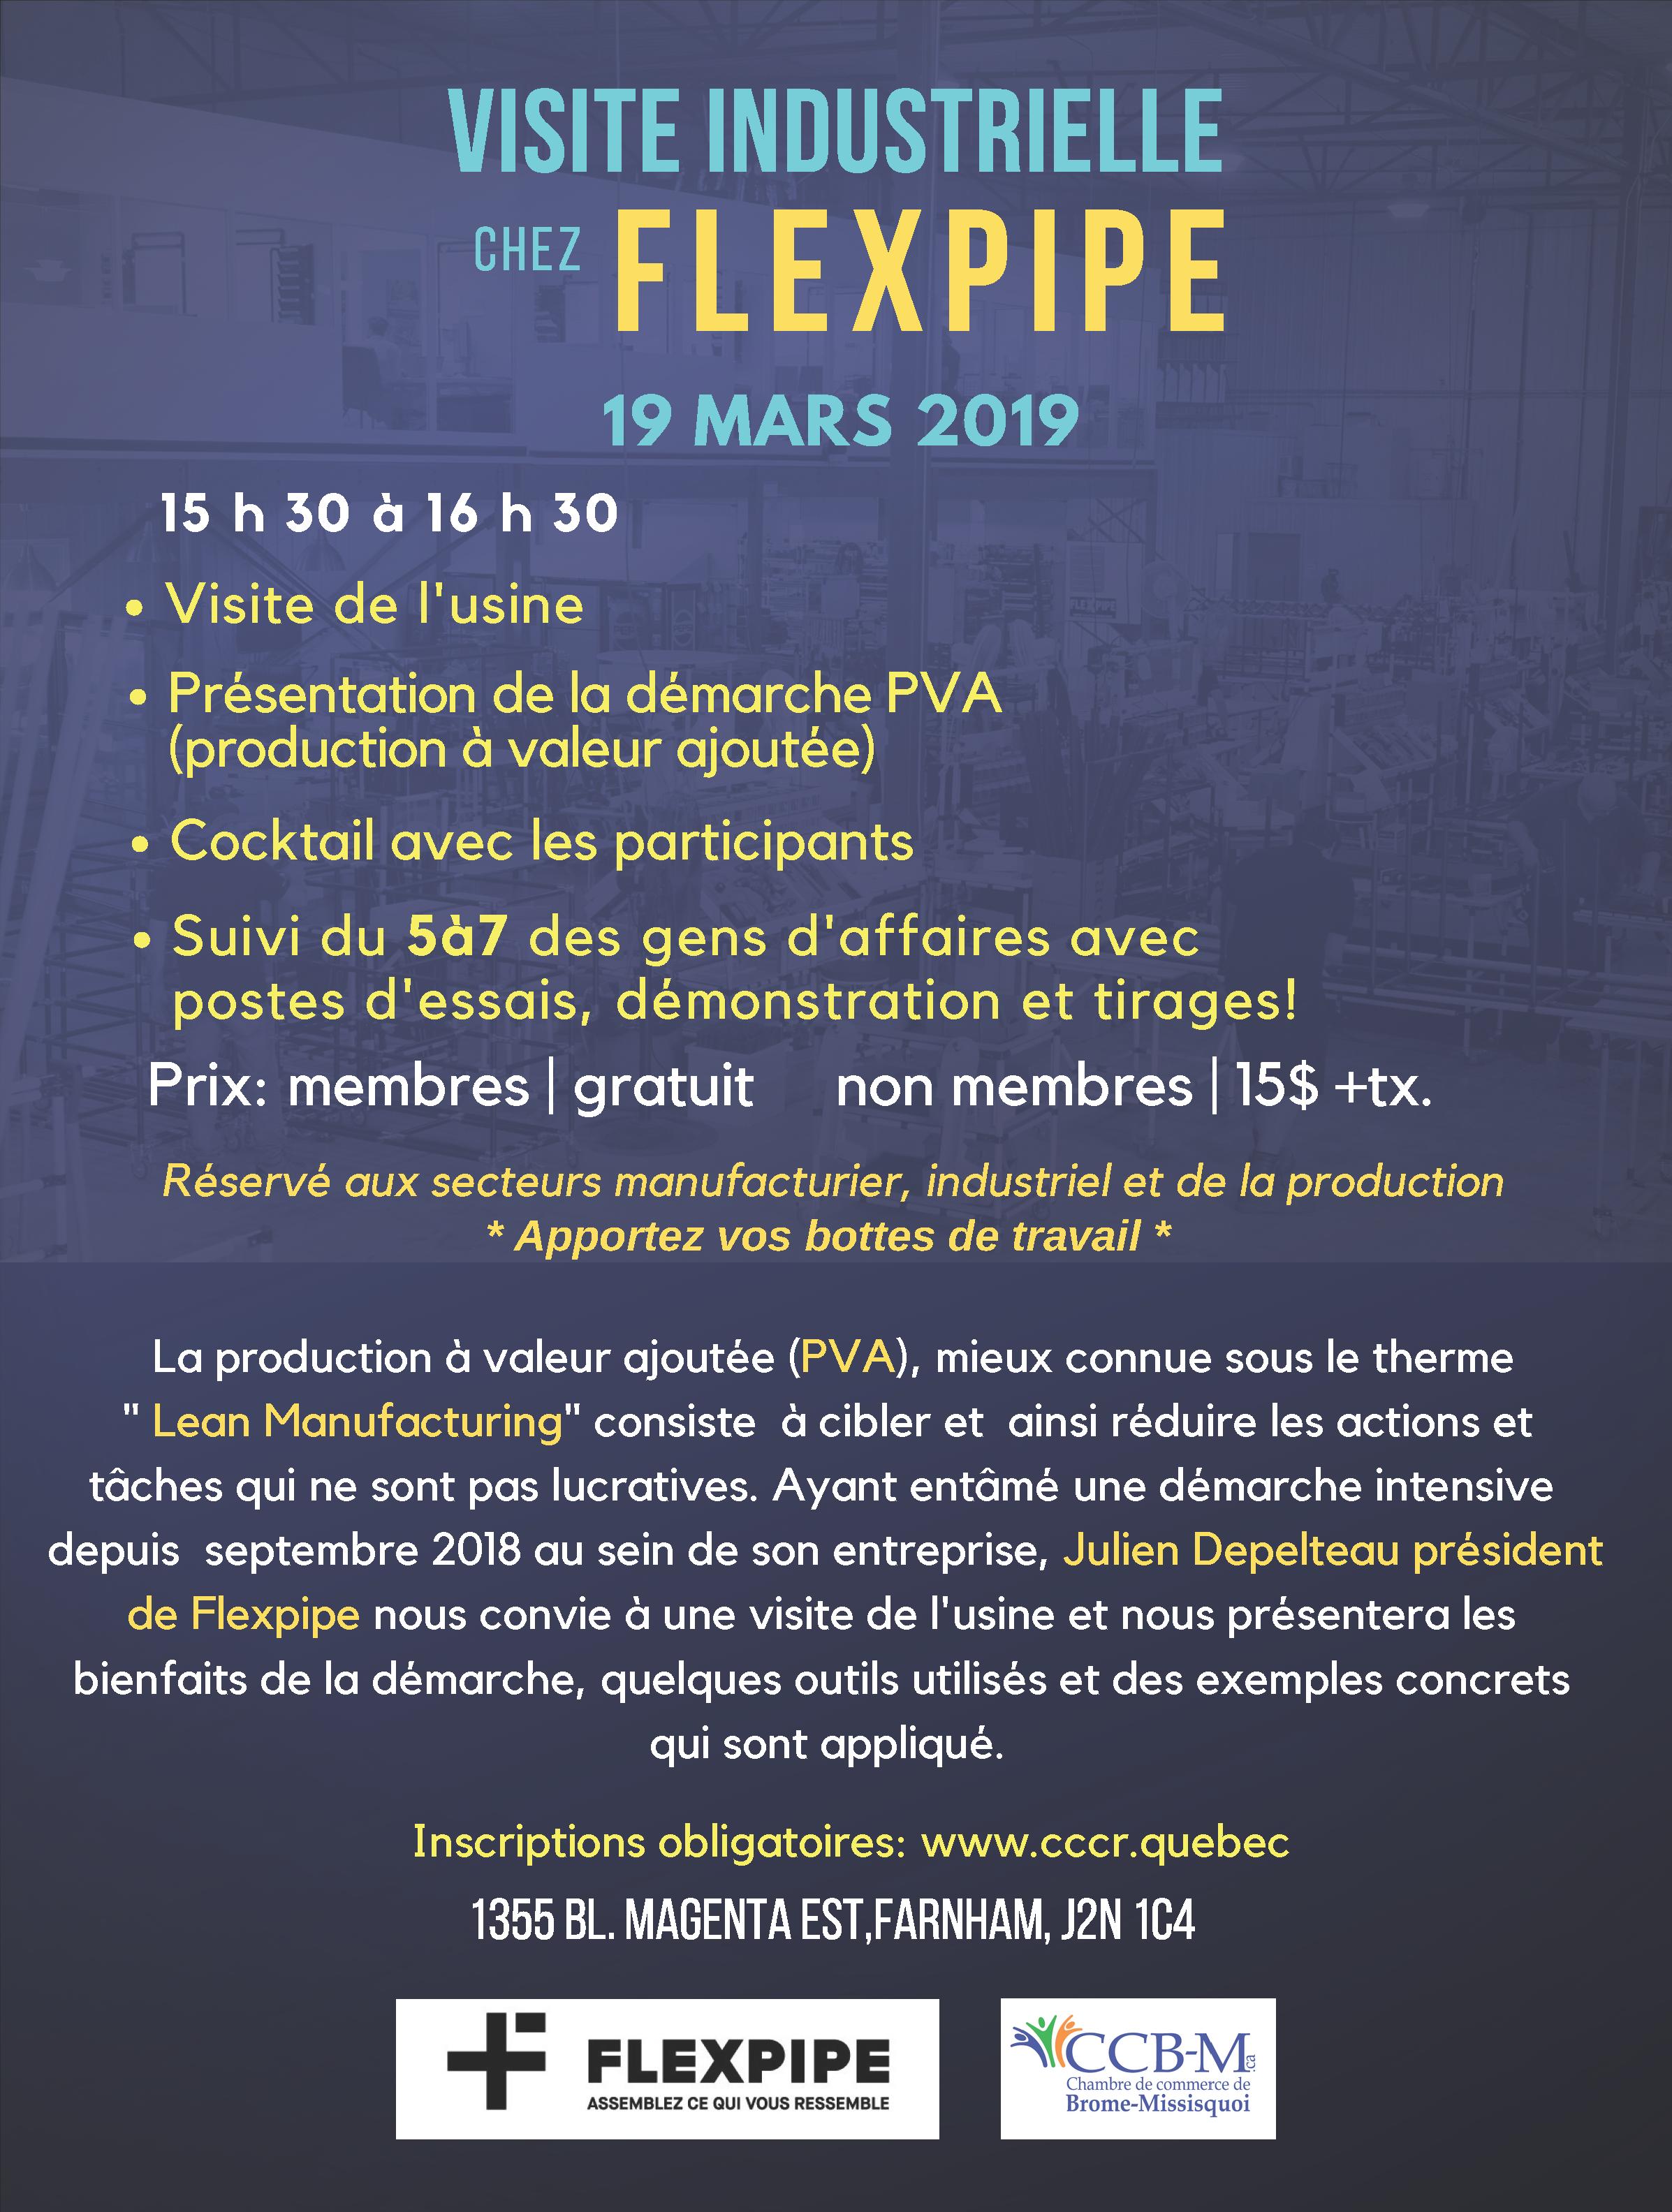 Visite Industrielle Chez Flexpipe